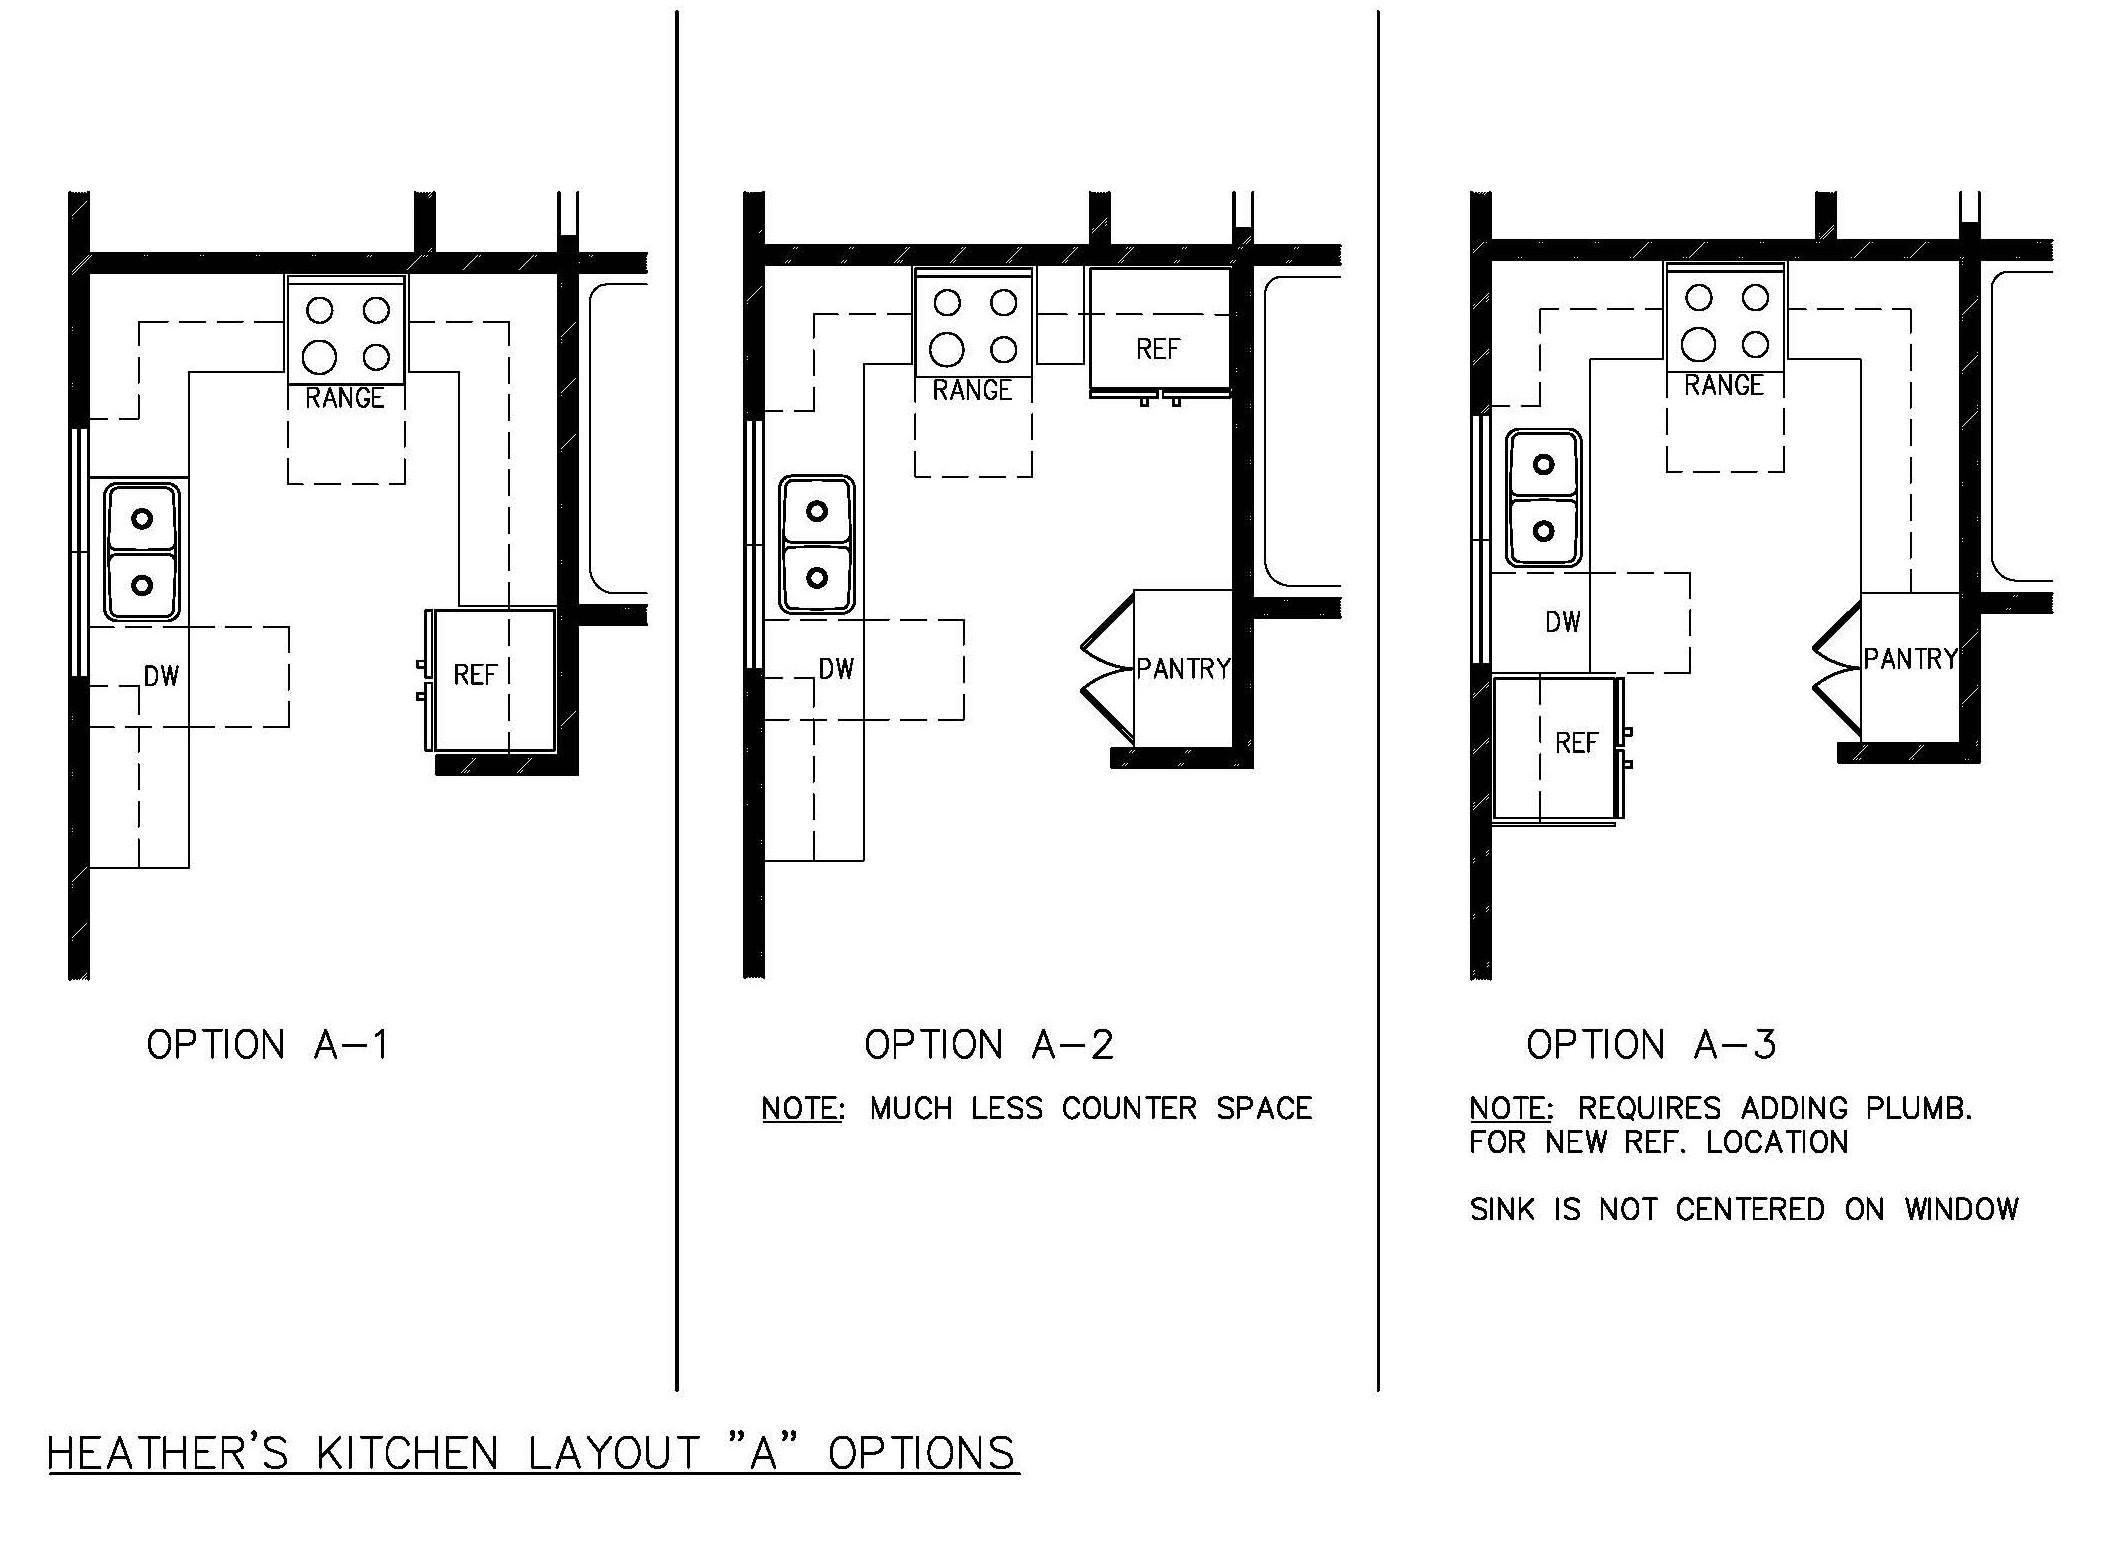 mercial kitchen layout thebridgesummit